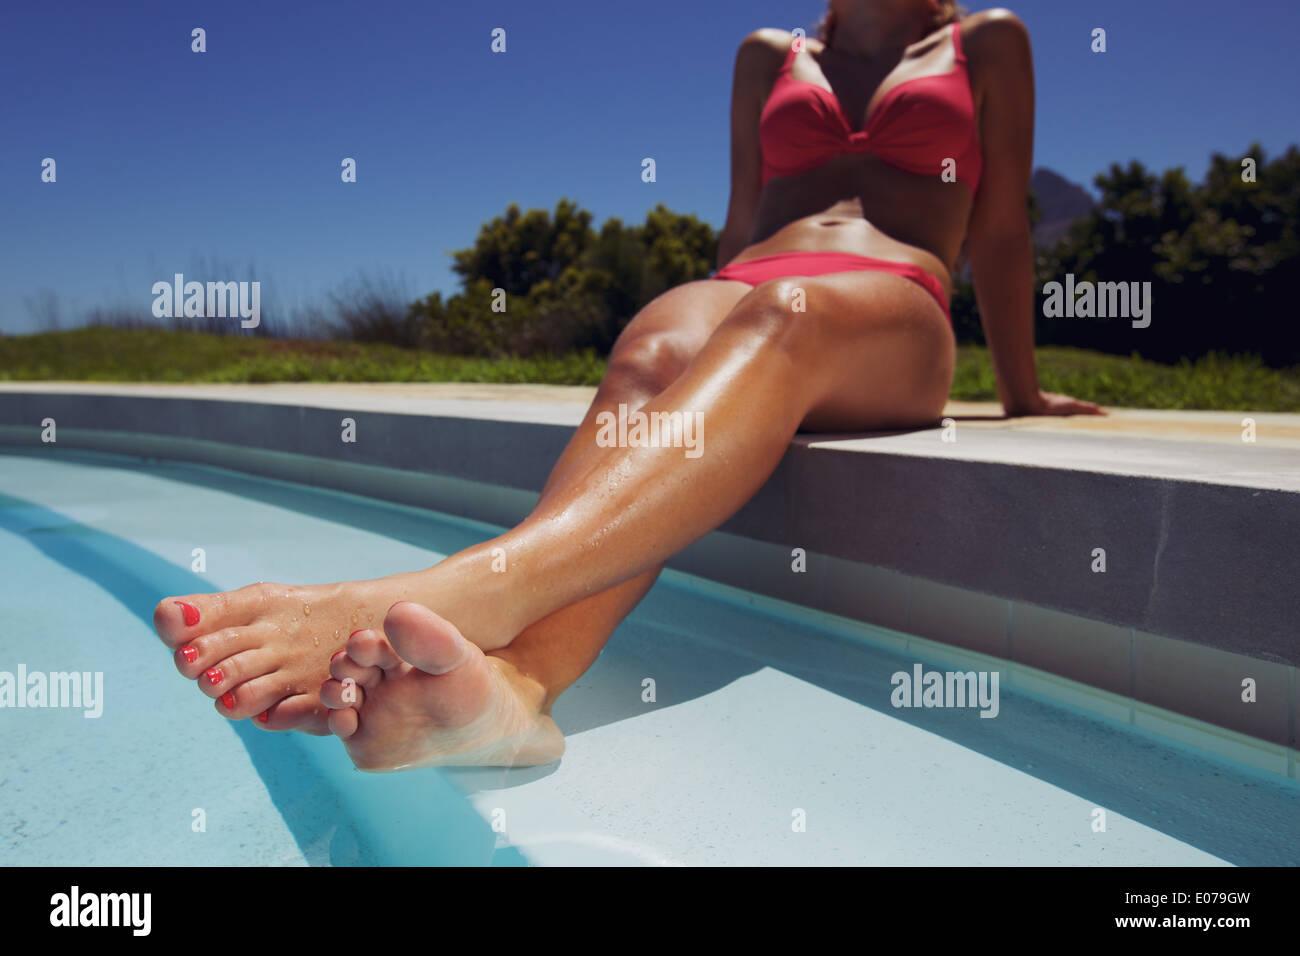 Niedrigen Winkel Blick auf weibliches Modell Entspannung am Pool mit den Beinen im Wasser. Junge Frau im Bikini Sonnenbaden am Swimmingpool. Stockbild